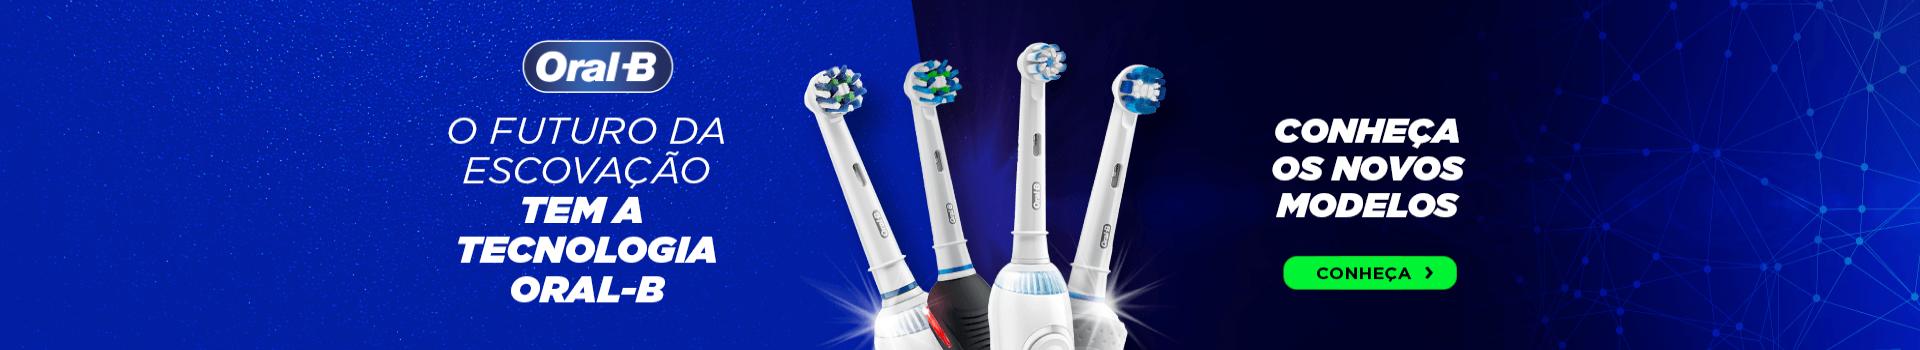 escova de dente eletrica oral b